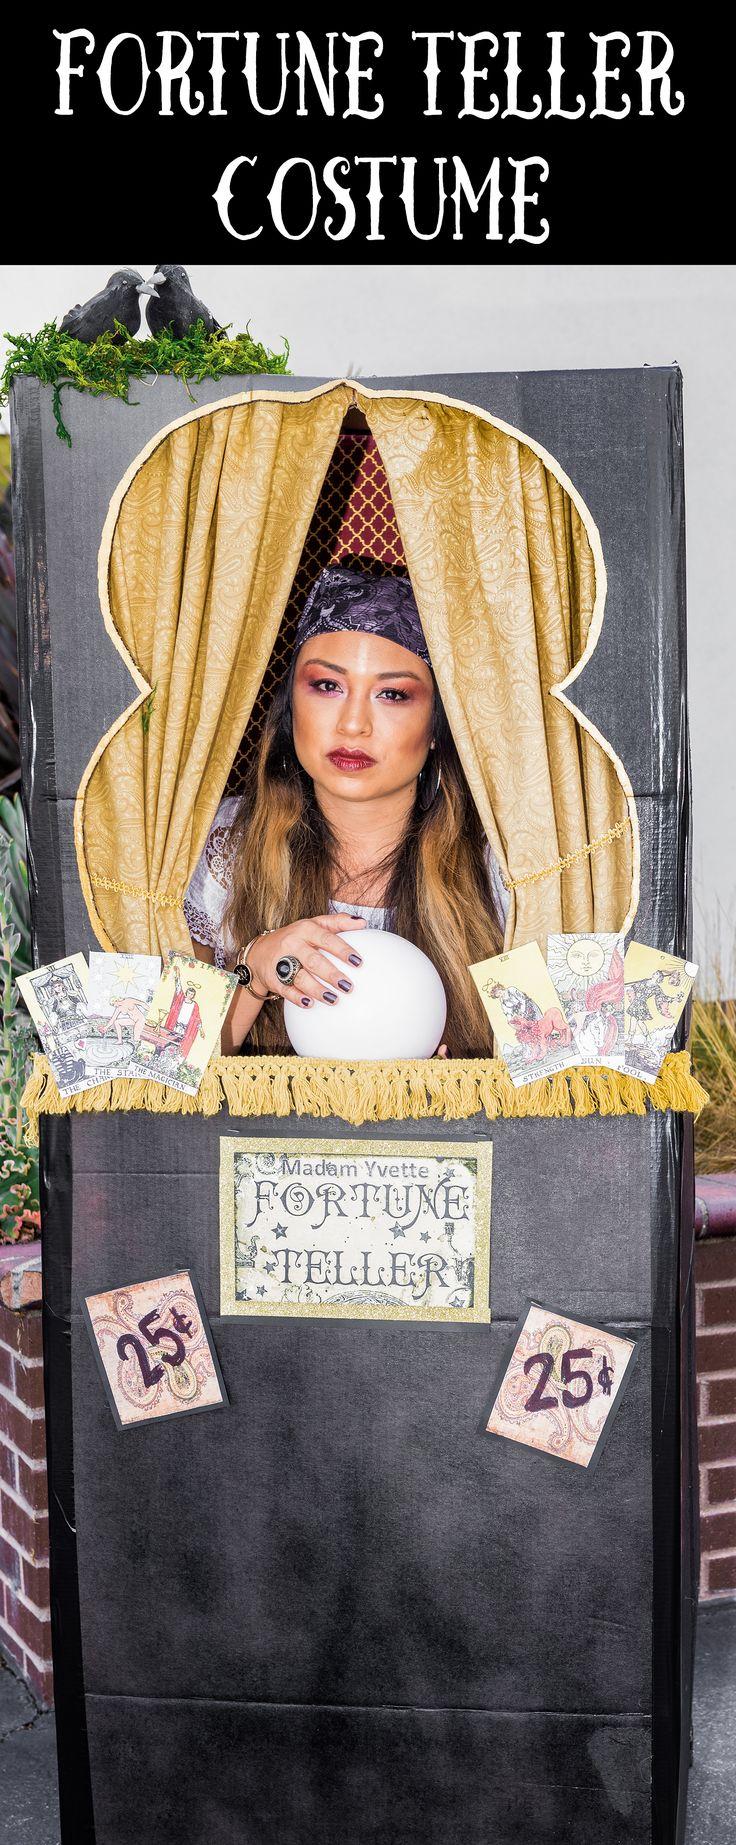 The 25 Best Fortune Teller Costume Ideas On Pinterest -4576